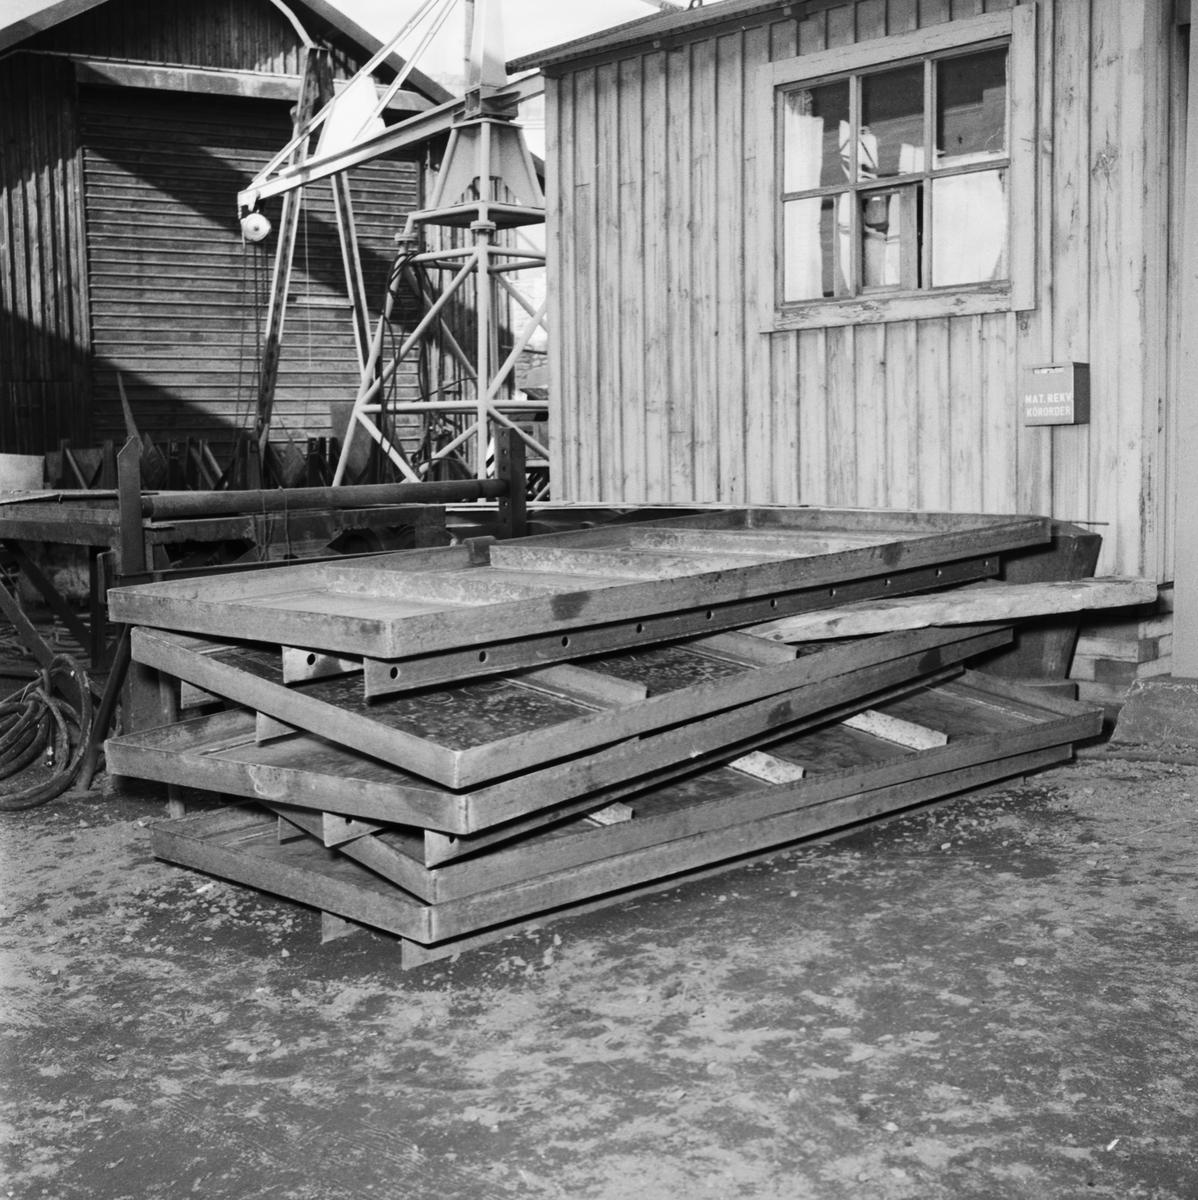 Övrigt: Foto datum: 10/9 1958 Byggnader och kranar Pannverkstan pågående arbeten